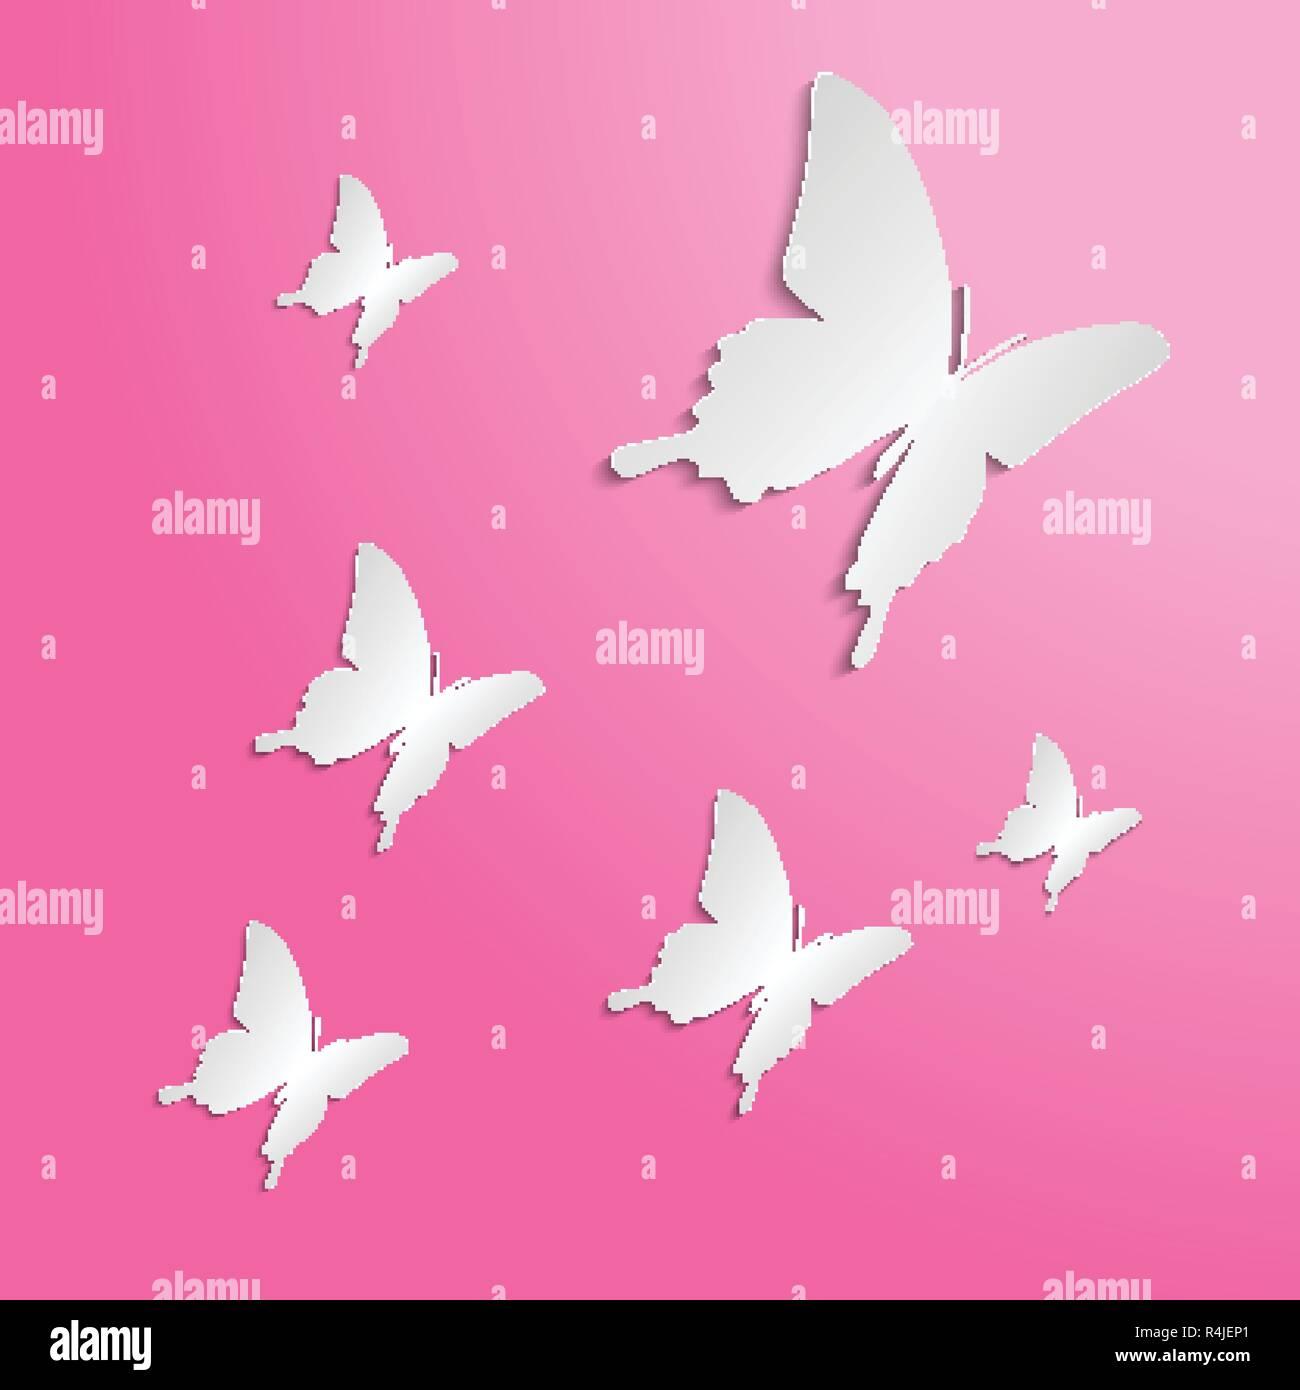 Schmetterlinge Papier Auf Die Farbe Hintergrund Ausschneiden